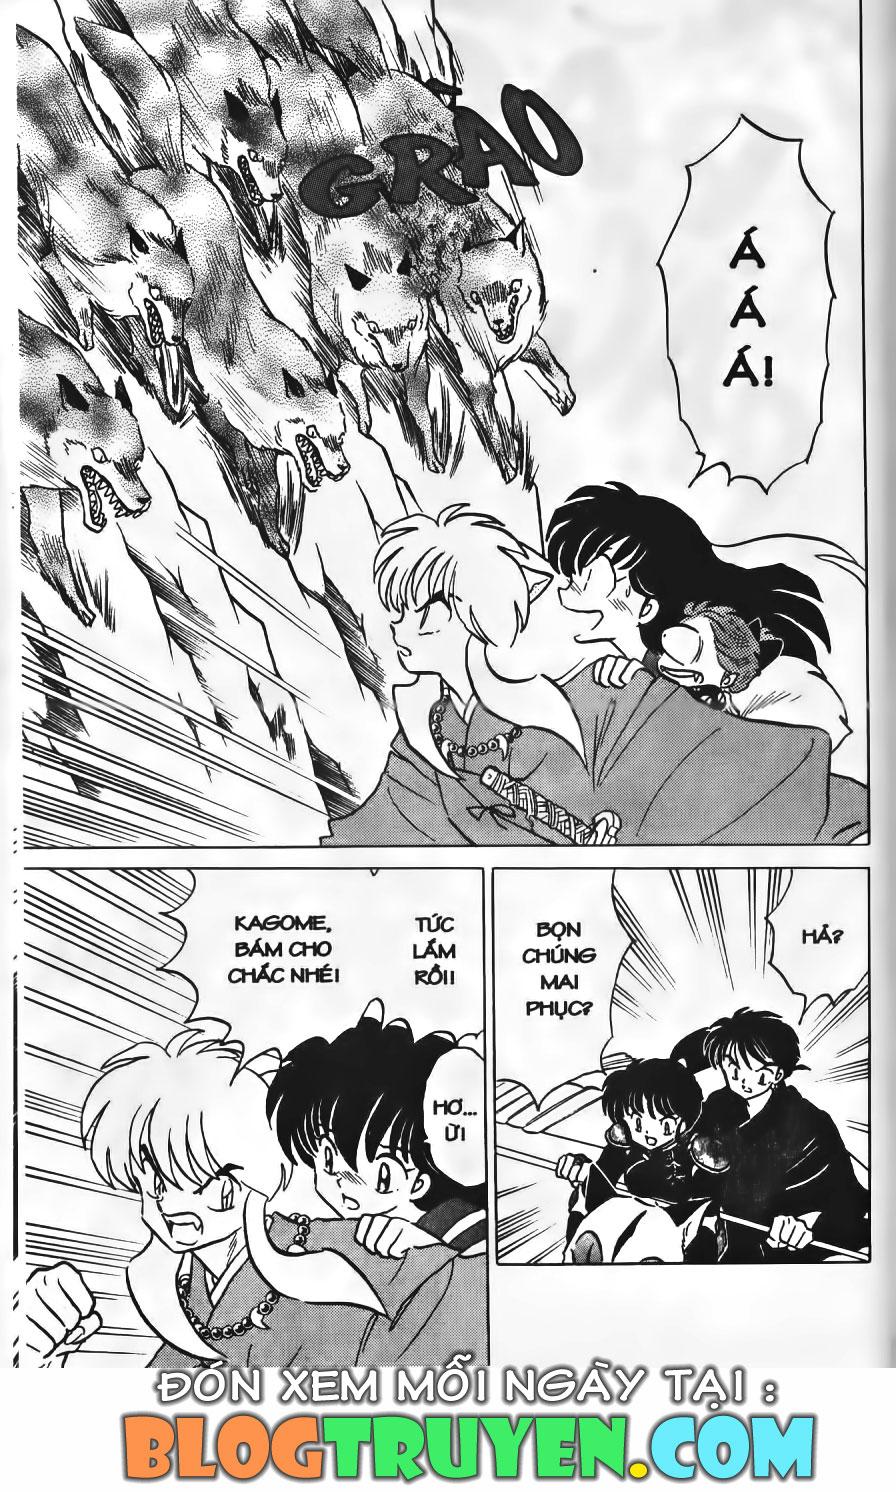 Inuyasha vol 14.5 trang 6